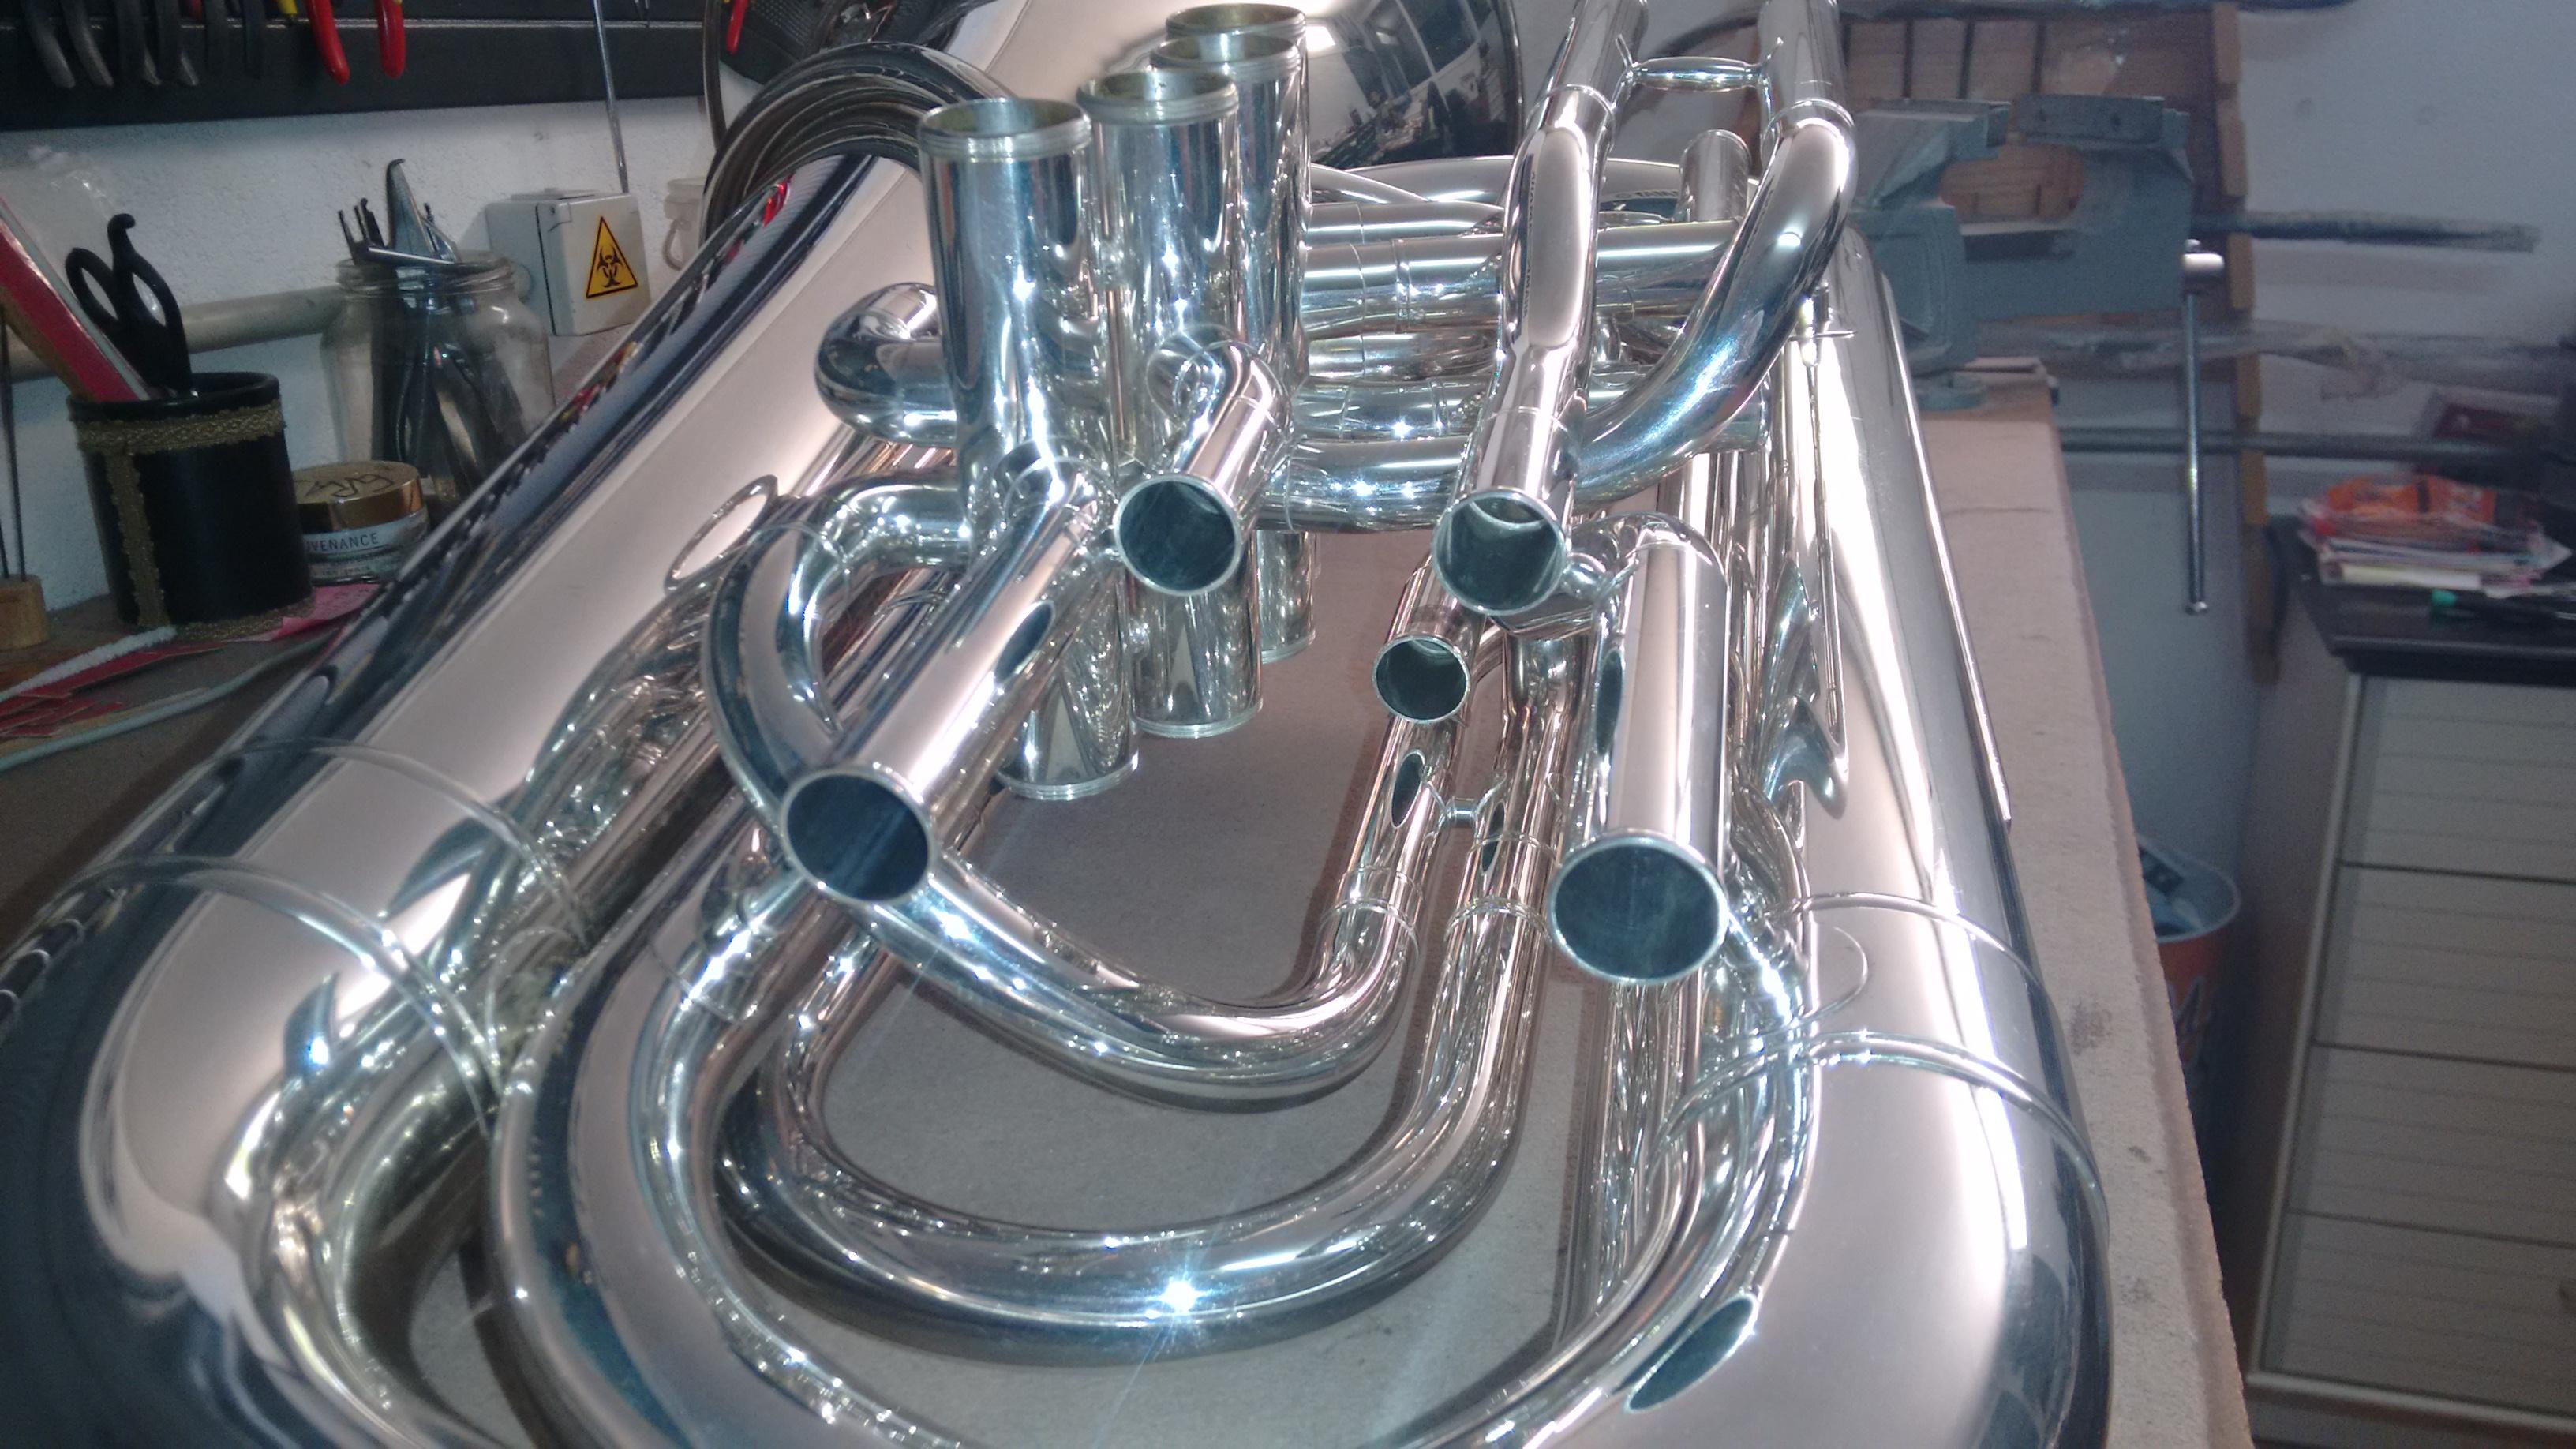 Este es el aspecto que tiene el interior de las tuberías de la tuba después de hacer la limpieza con ácido y sales